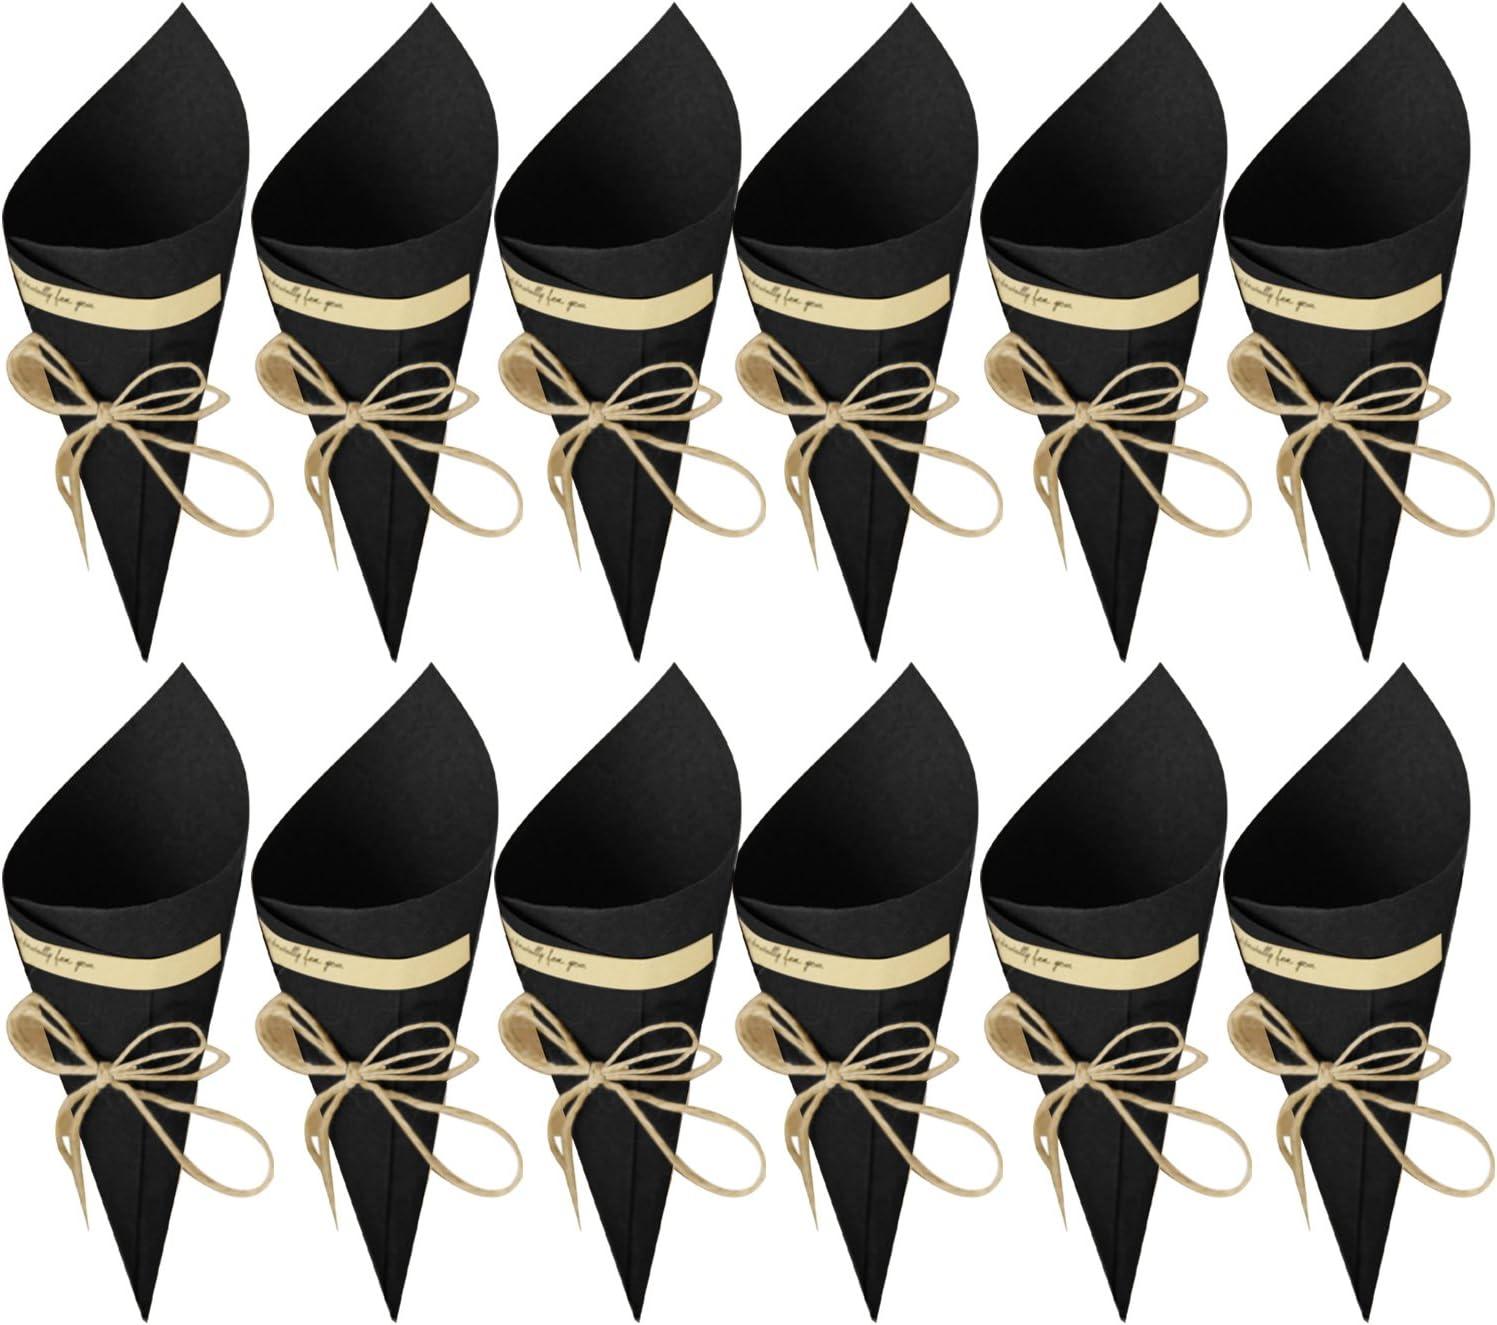 Gosear 50 Piezas Conos Boda - Bolso Boda para Confeti o Bolsa cucuruchos de Papel Kraft Cono de arroz, Cuerda de cáñamo, Cinta de Doble Cara, Etiqueta Adhesiva (Color Negro)